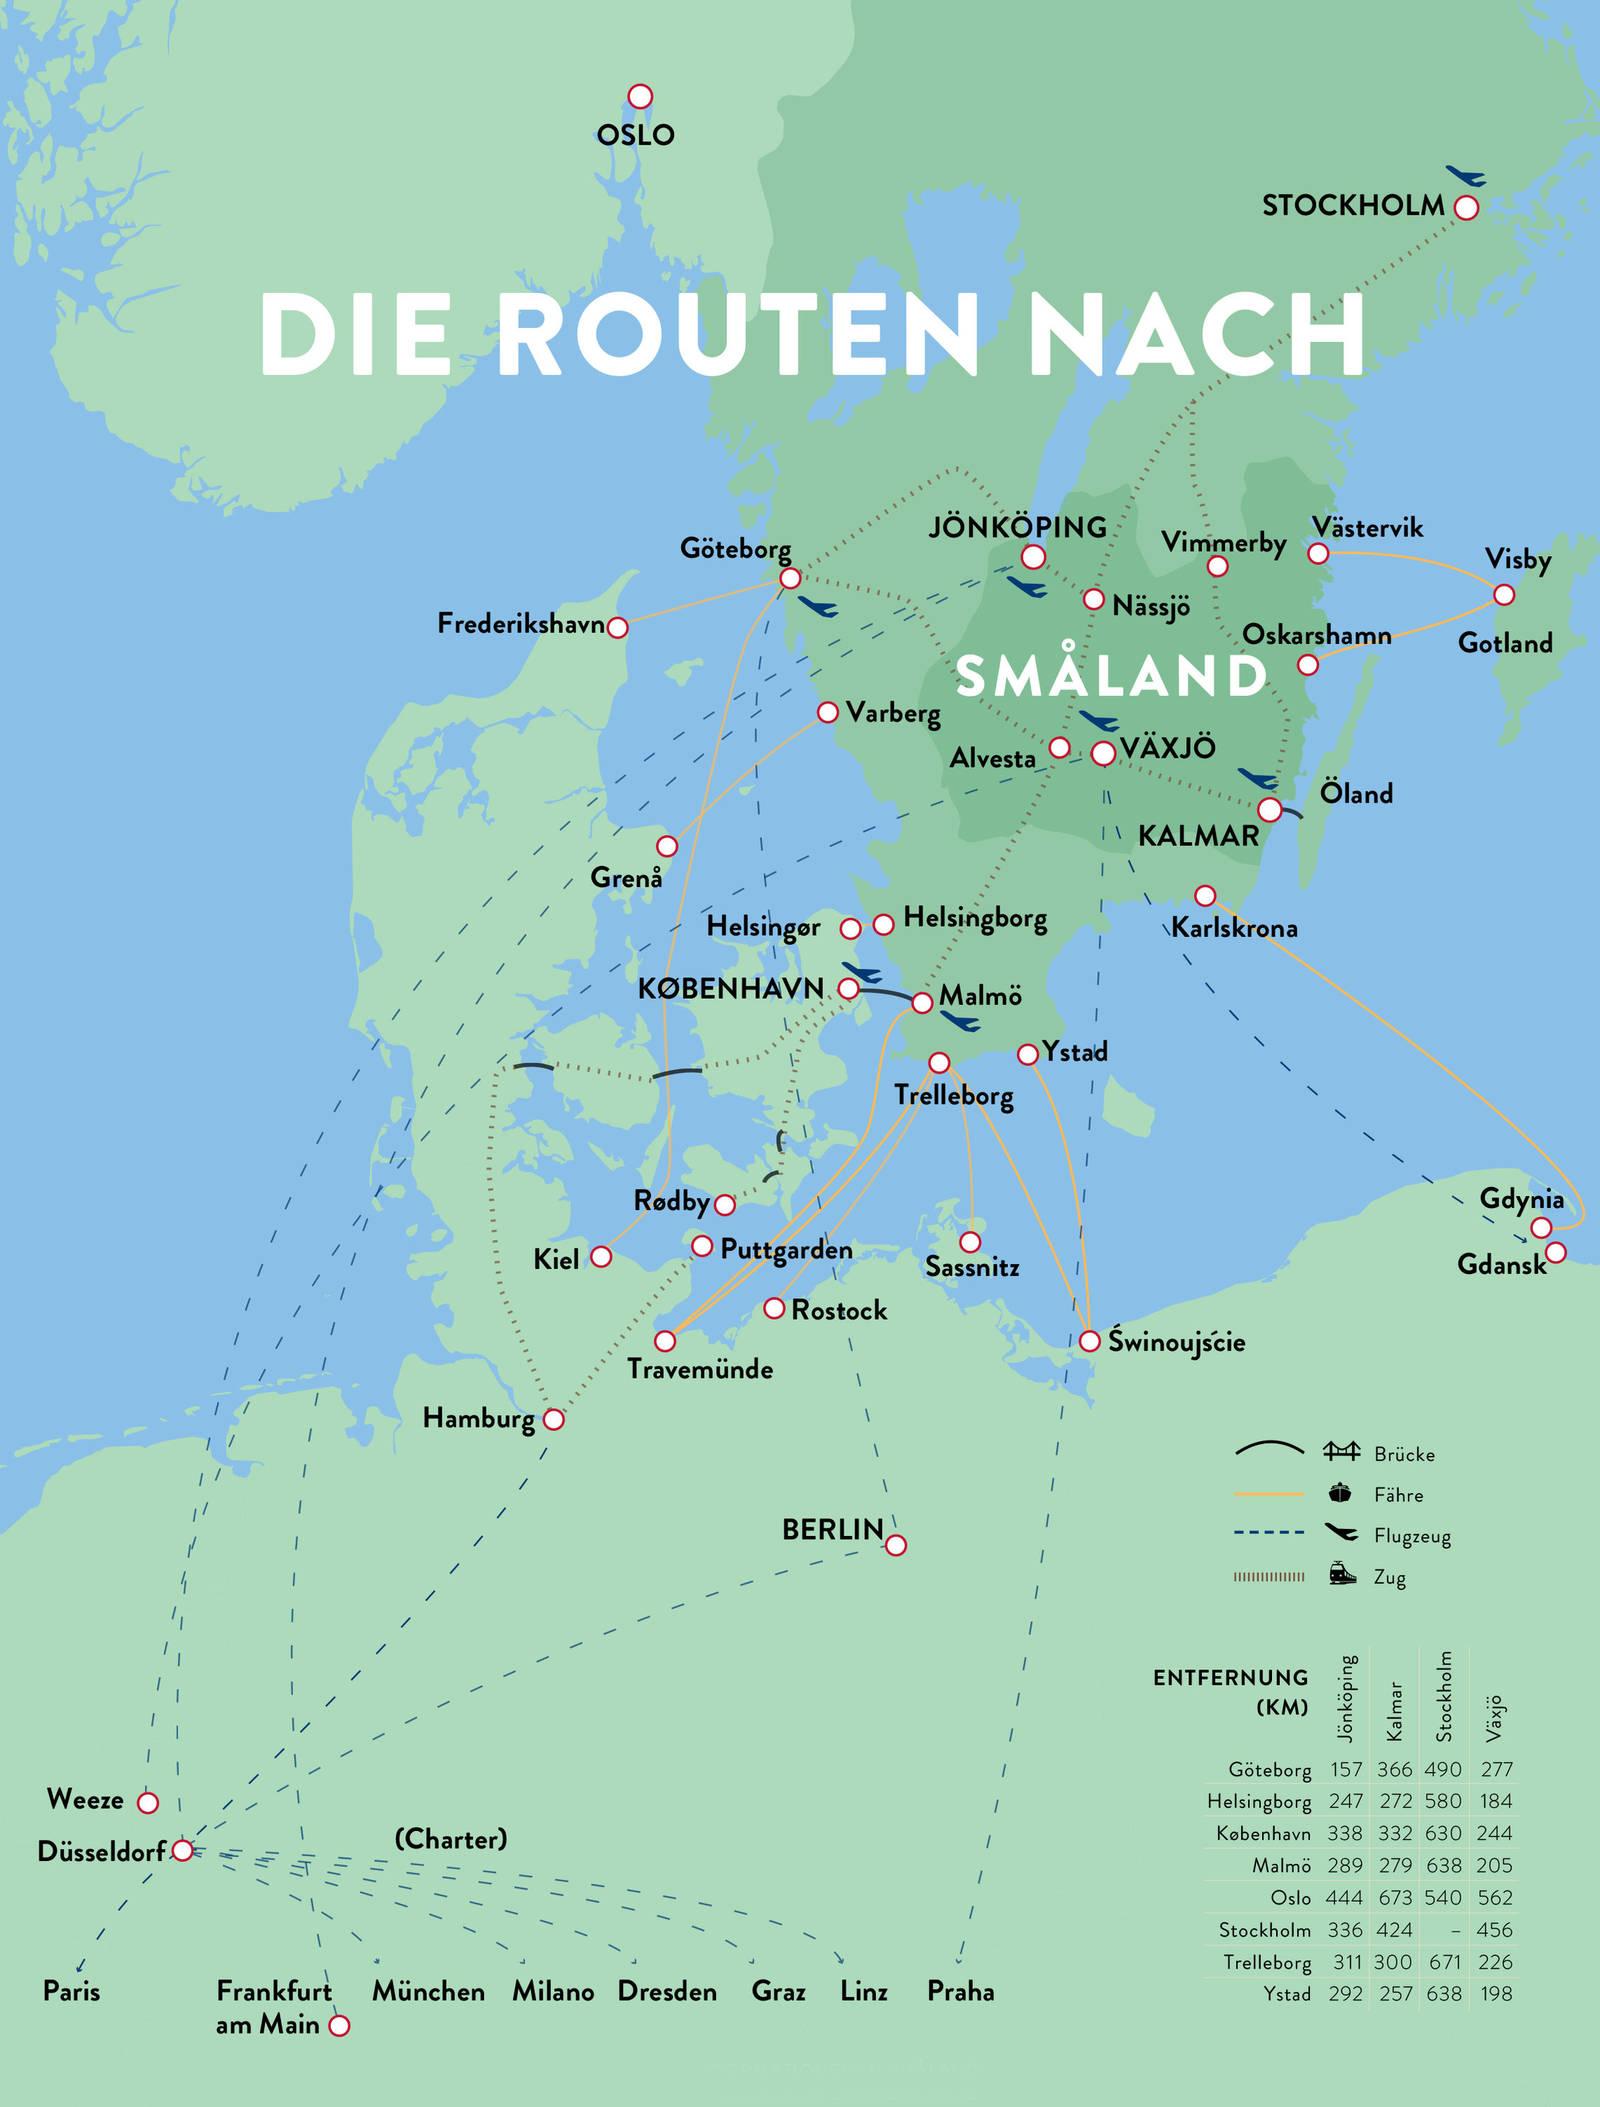 Reisewege für die Anreise nach Småland